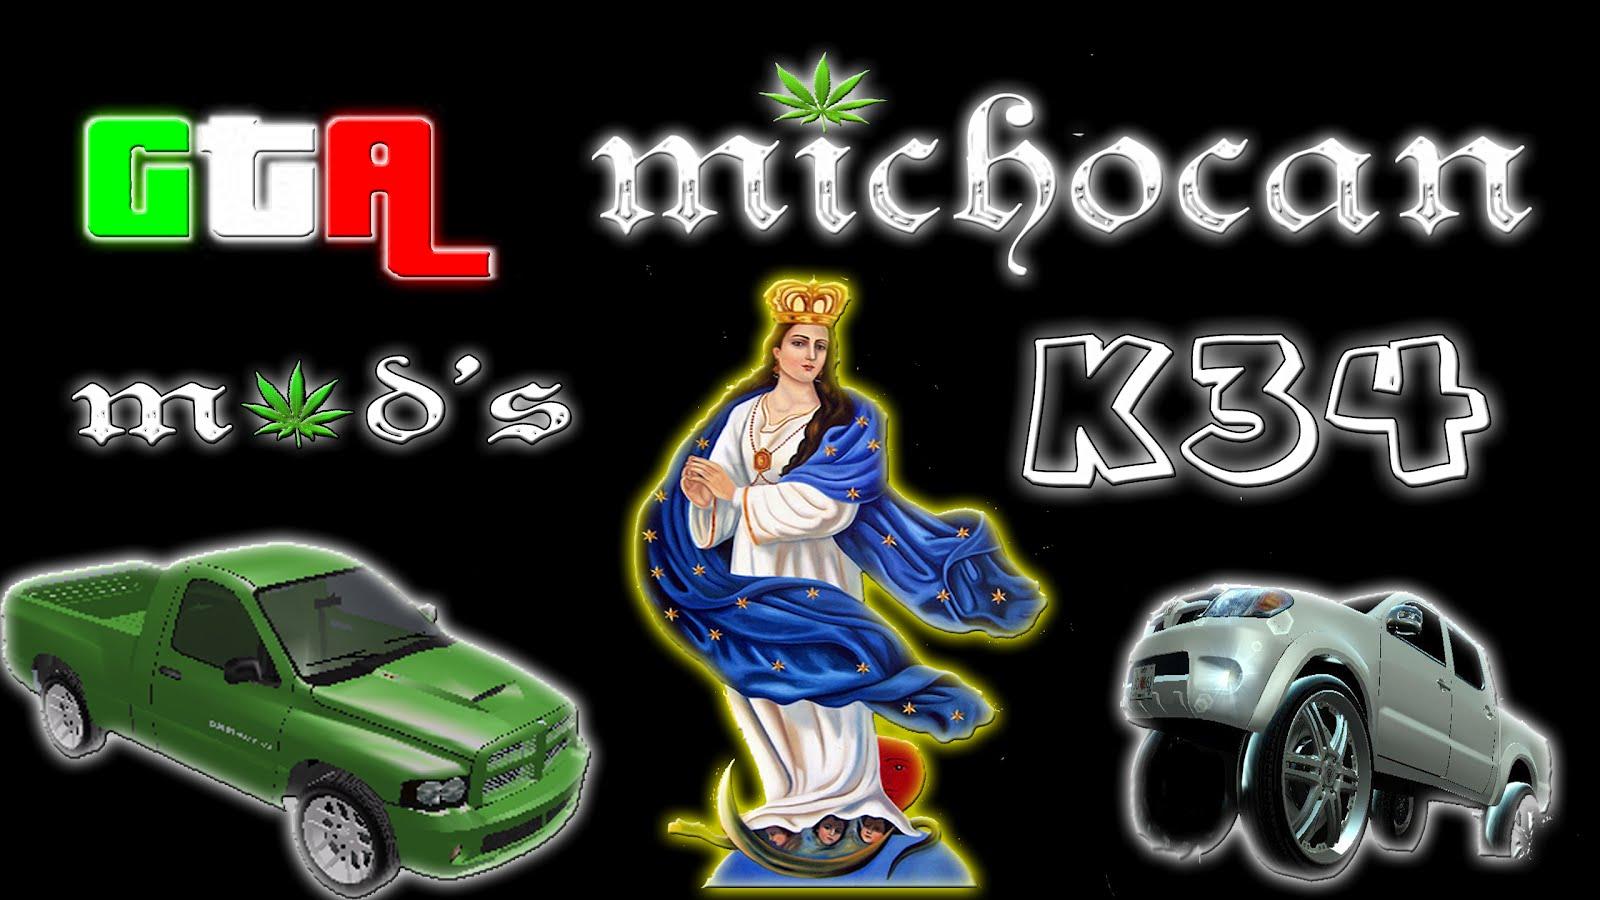 Gta Michoacan Mods